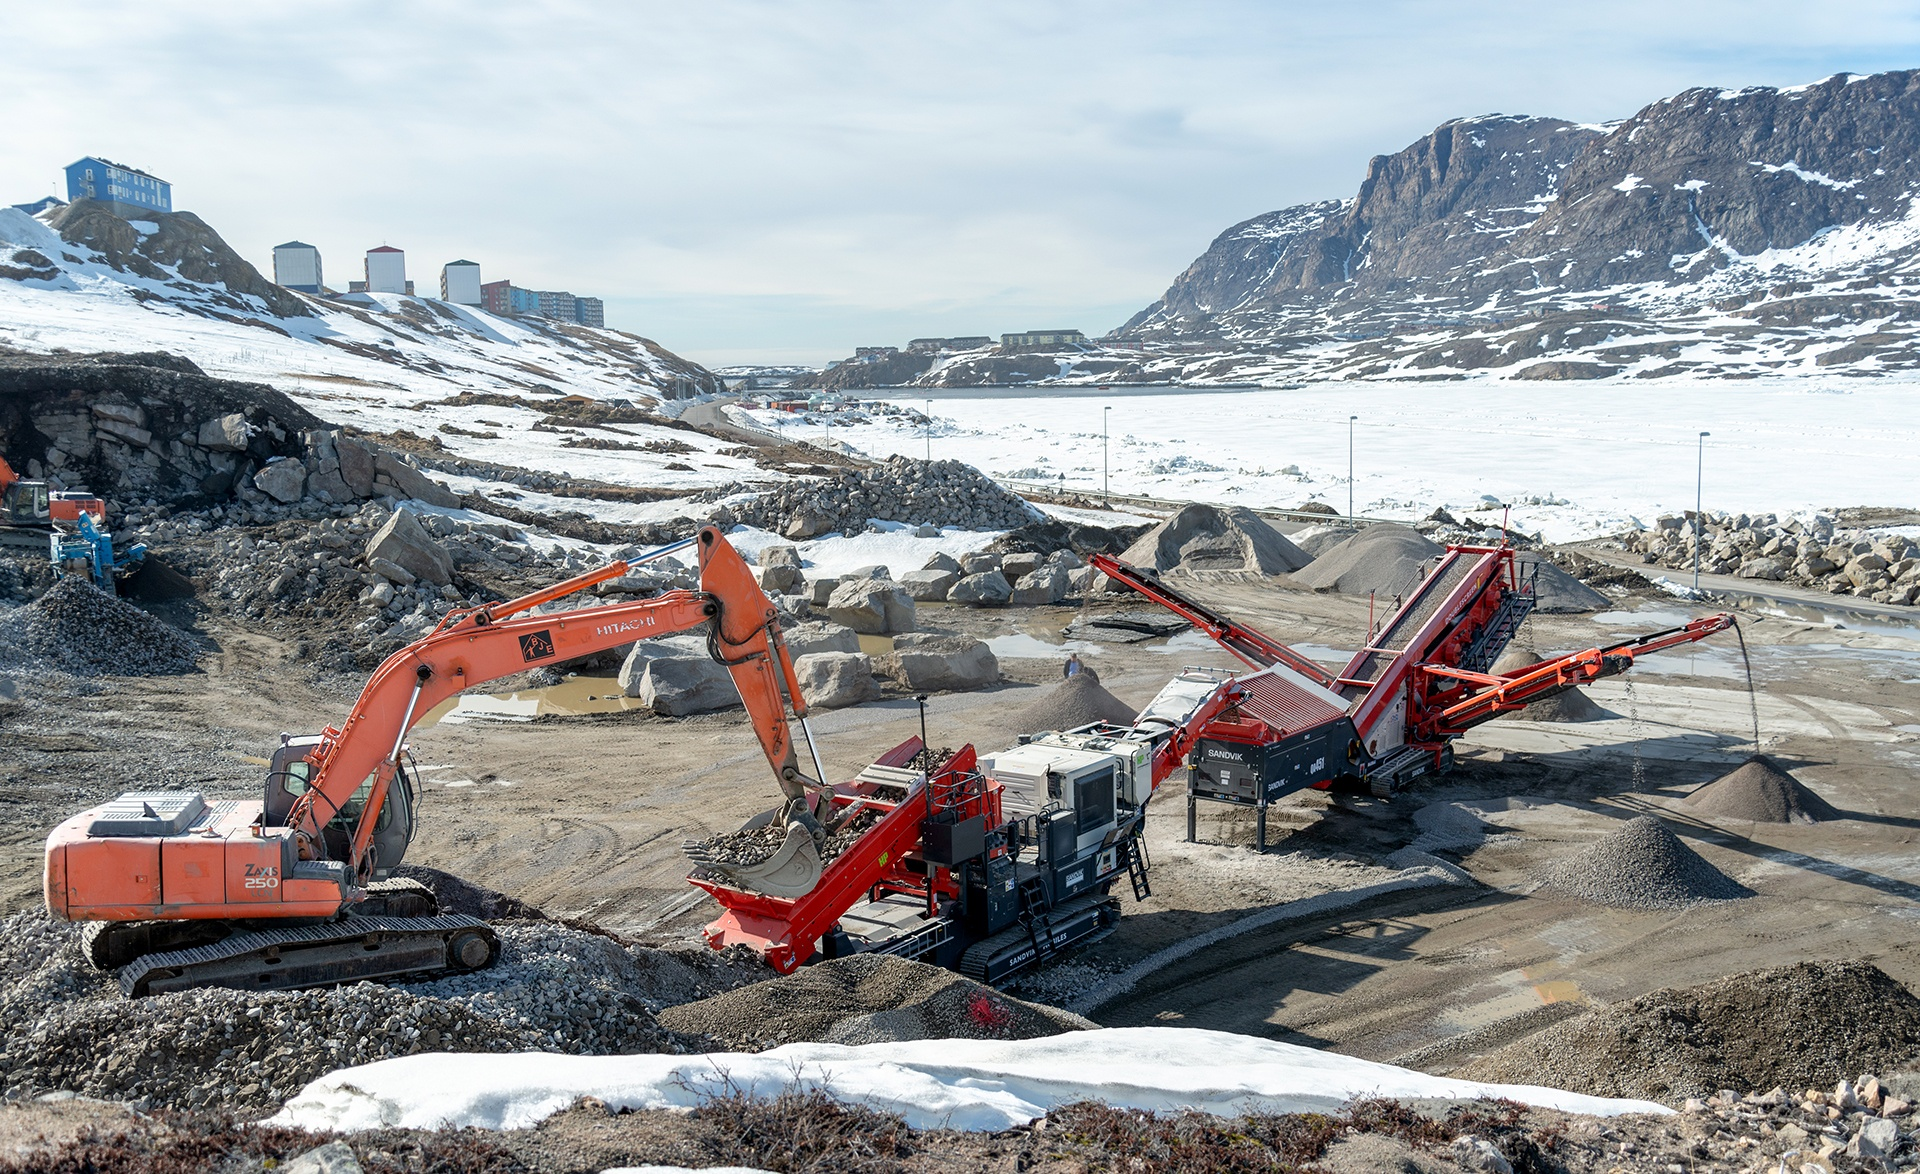 Stærk erfaring sikrer succes med entreprenørmaskiner til Grønland